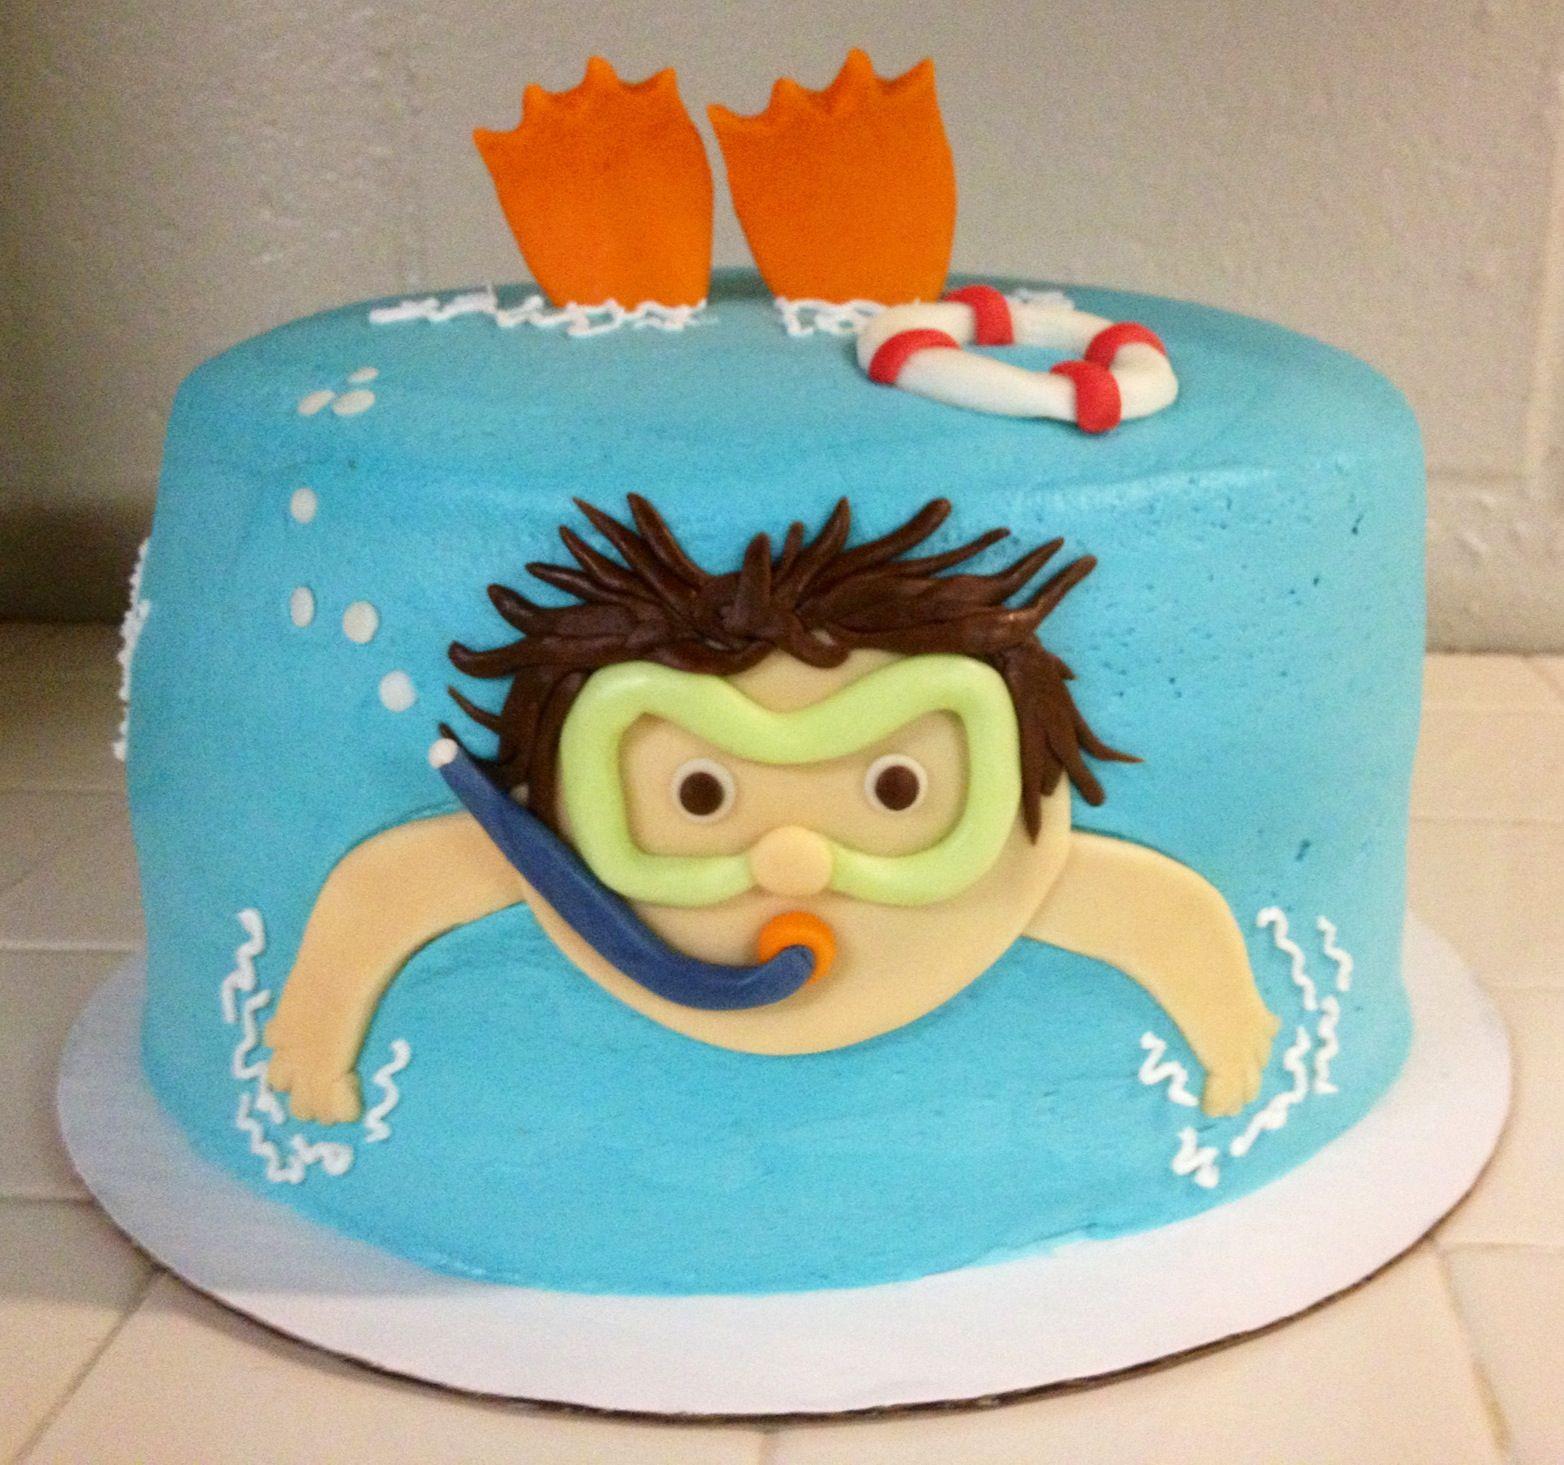 Pool Party Cake Ideas For Birthdays  Pool party birthday cake Cake ideas